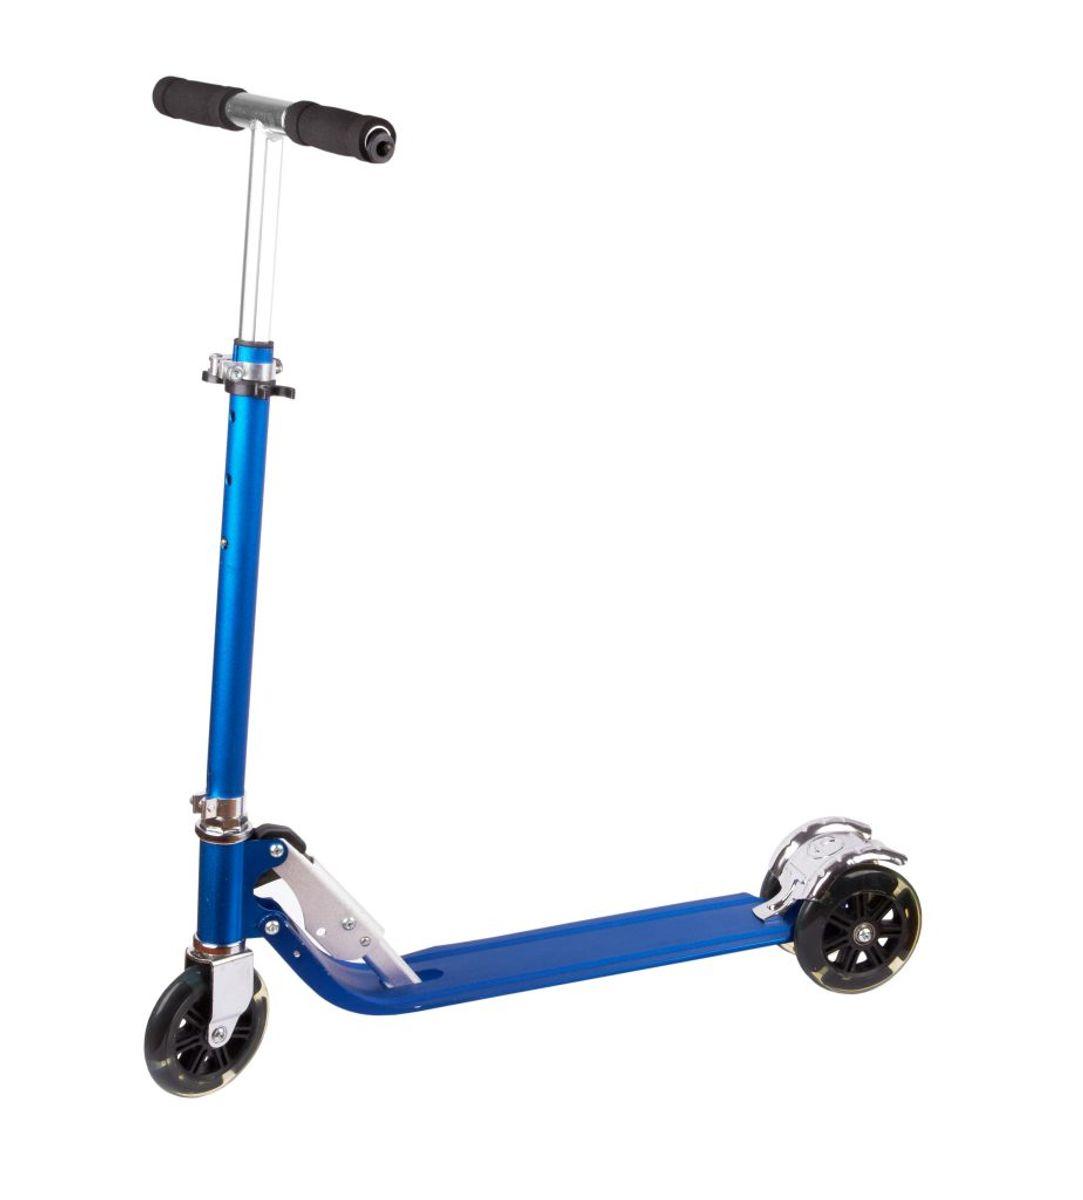 Hvis du lejer et elektrisk løbehjul, så er der forsikringspligt, men ikke for privateejede løbehjul. Klik videre for flere regler. Foto: Colourbox